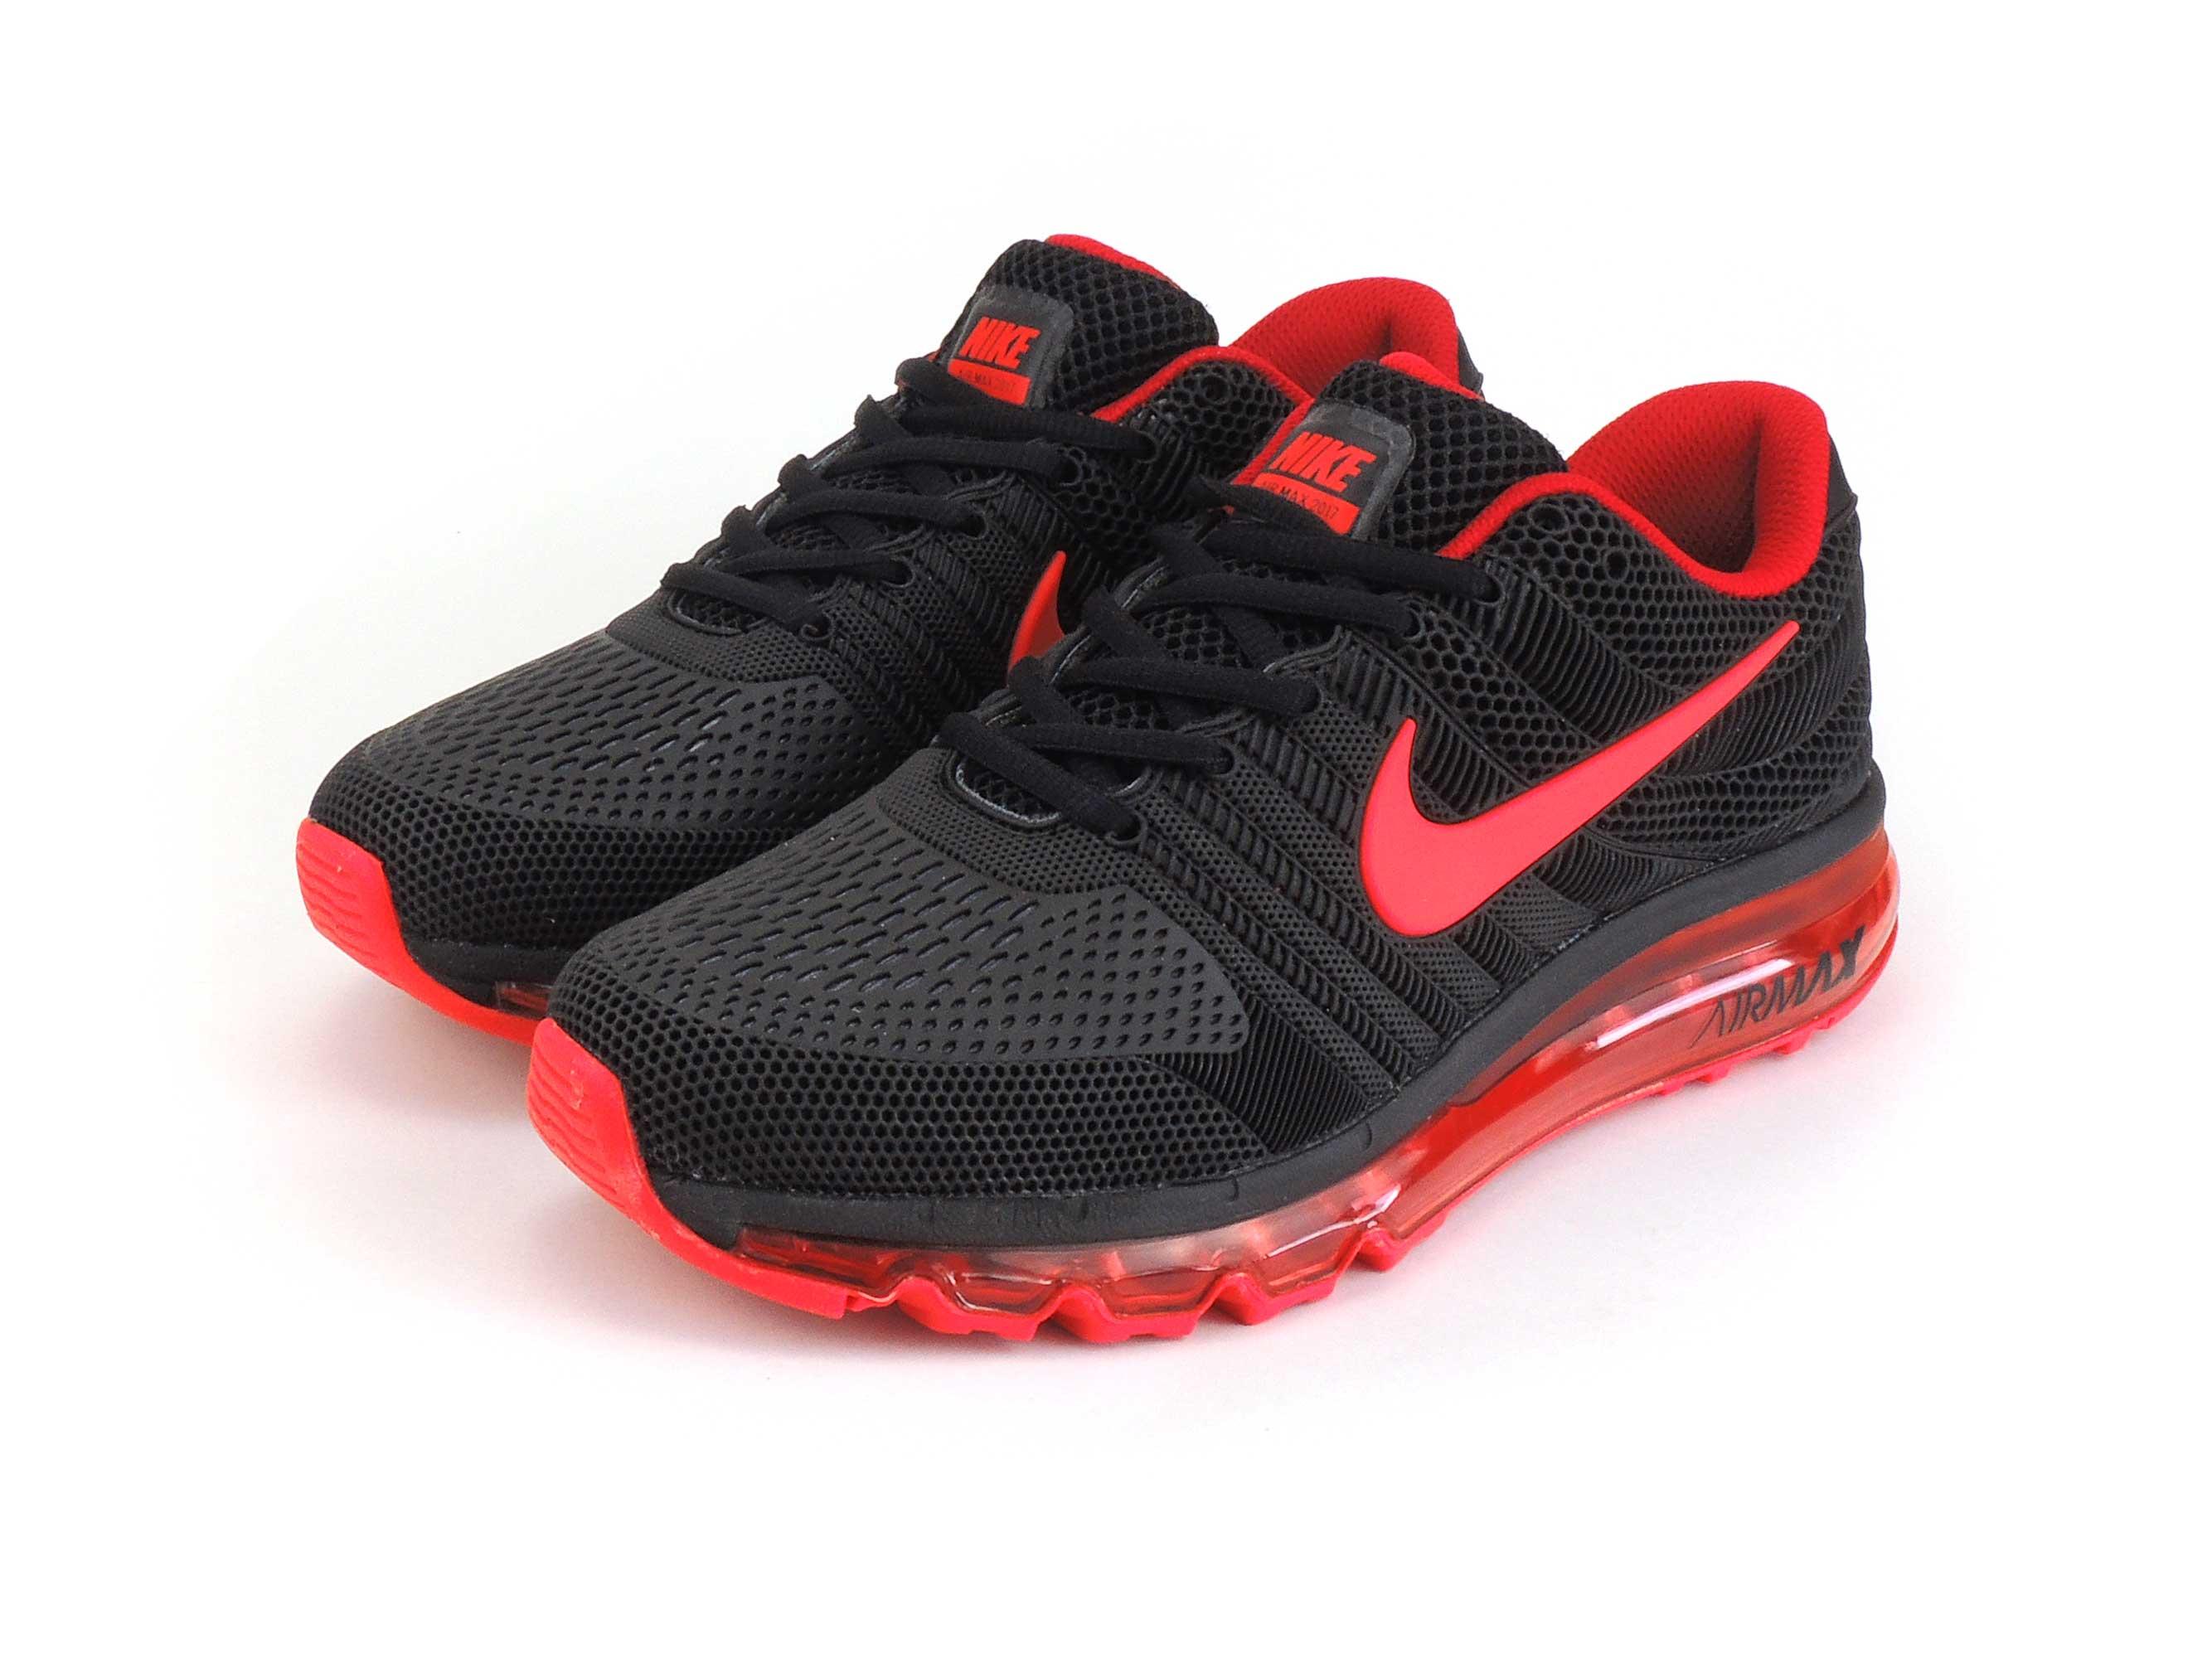 nike air max 2017 black red купить